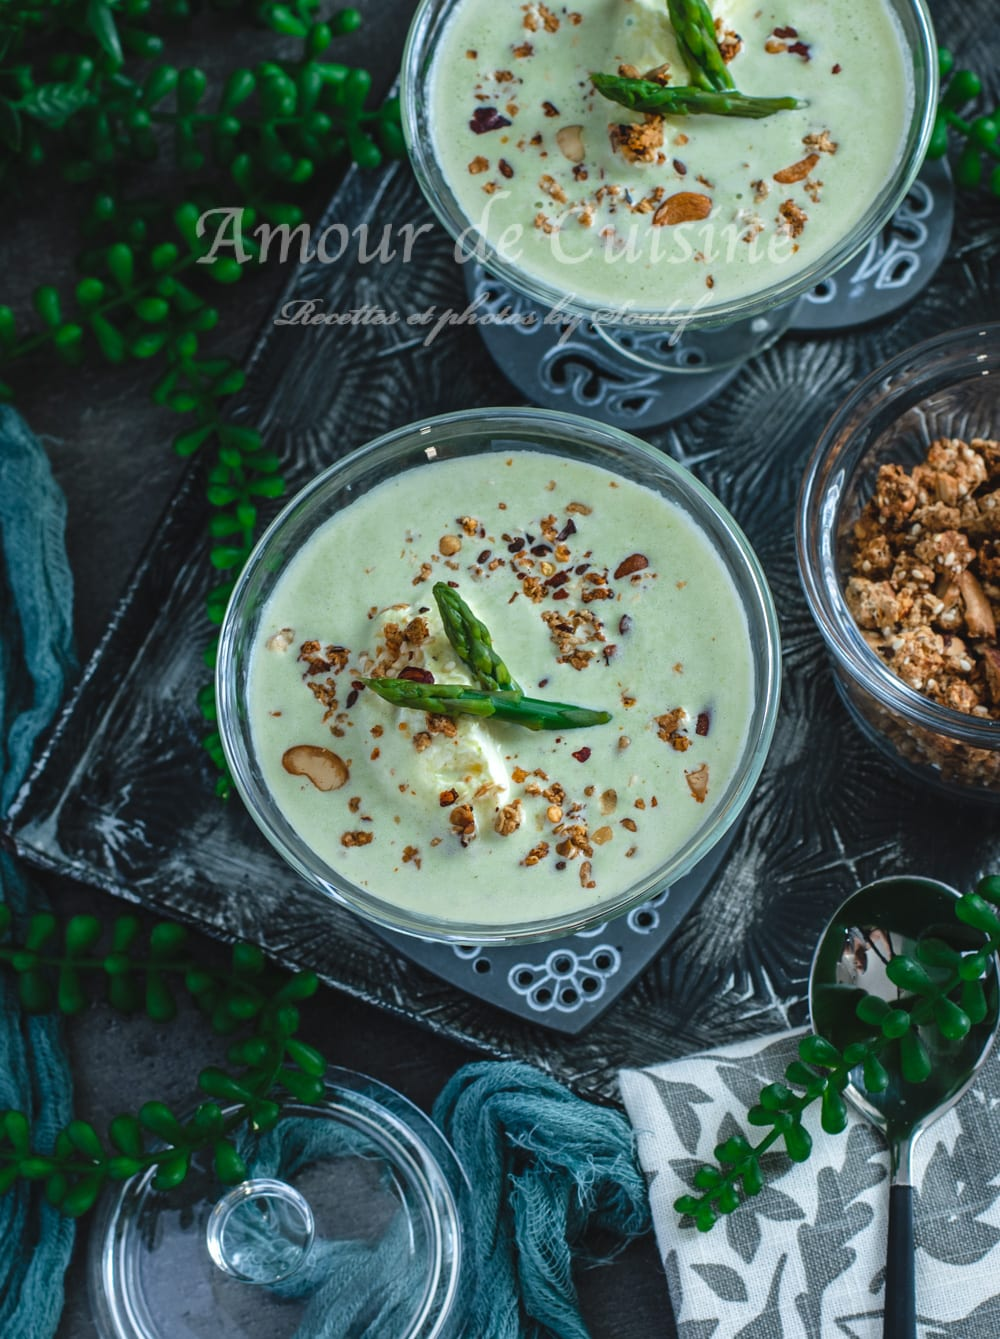 Soupe froide aux asperges vertes